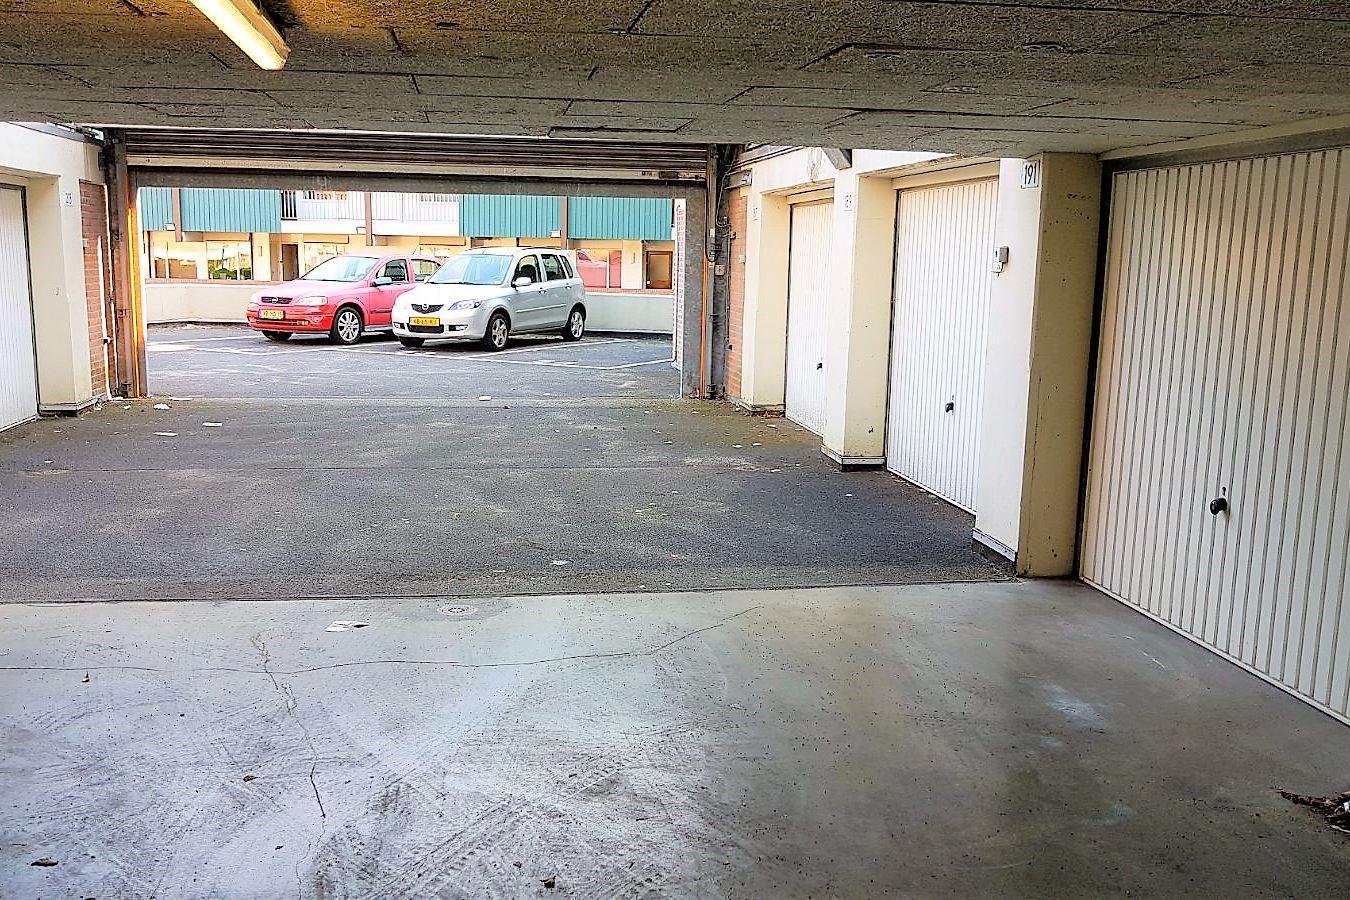 Auto Garage Beverwijk : Verkocht: koude horn 209 1941 kc beverwijk [funda]